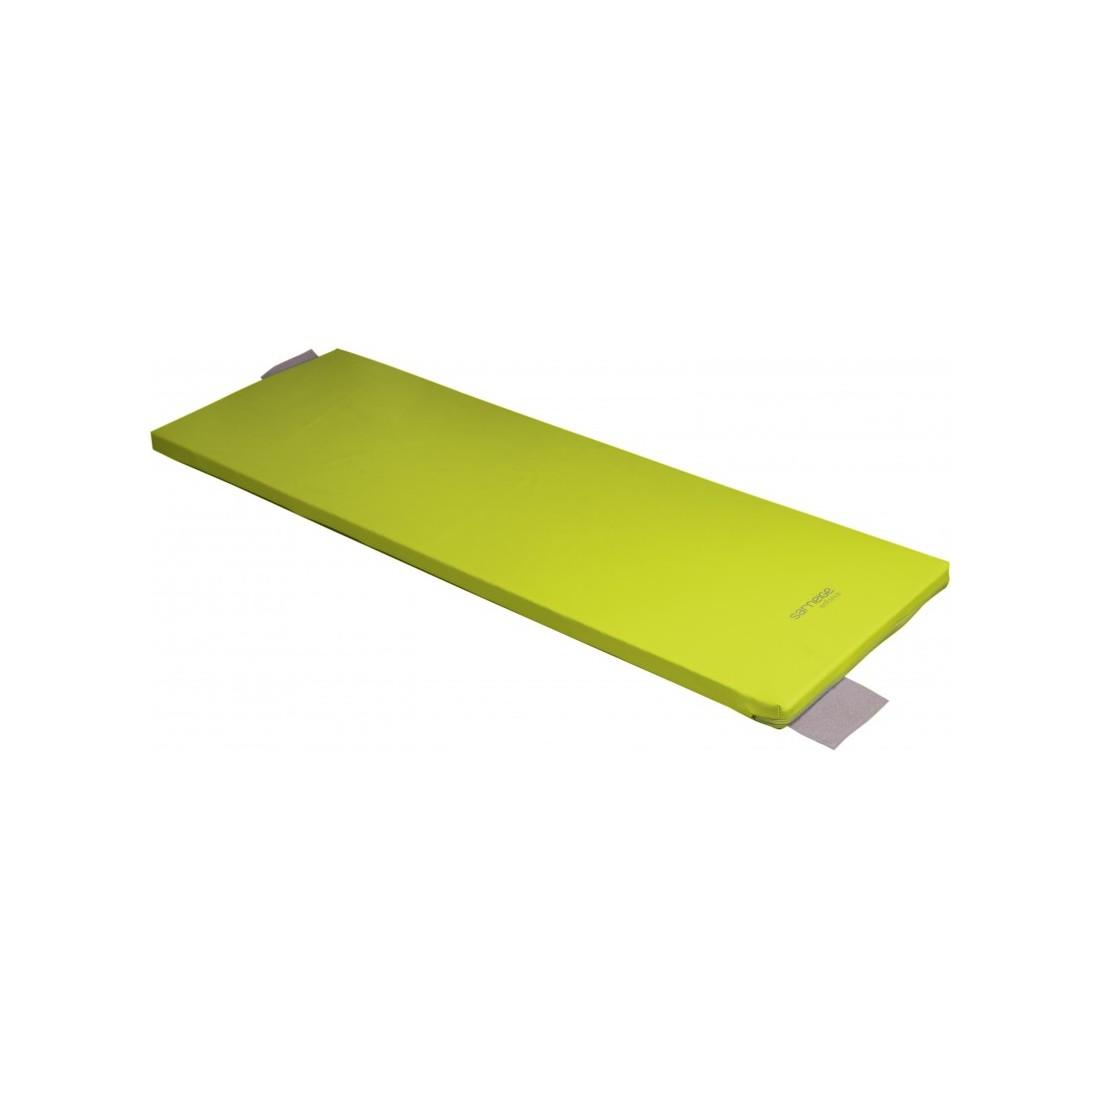 Tapis de jeu en mousse sans PVC. Module tapis mousse Sarneige sans PVC.